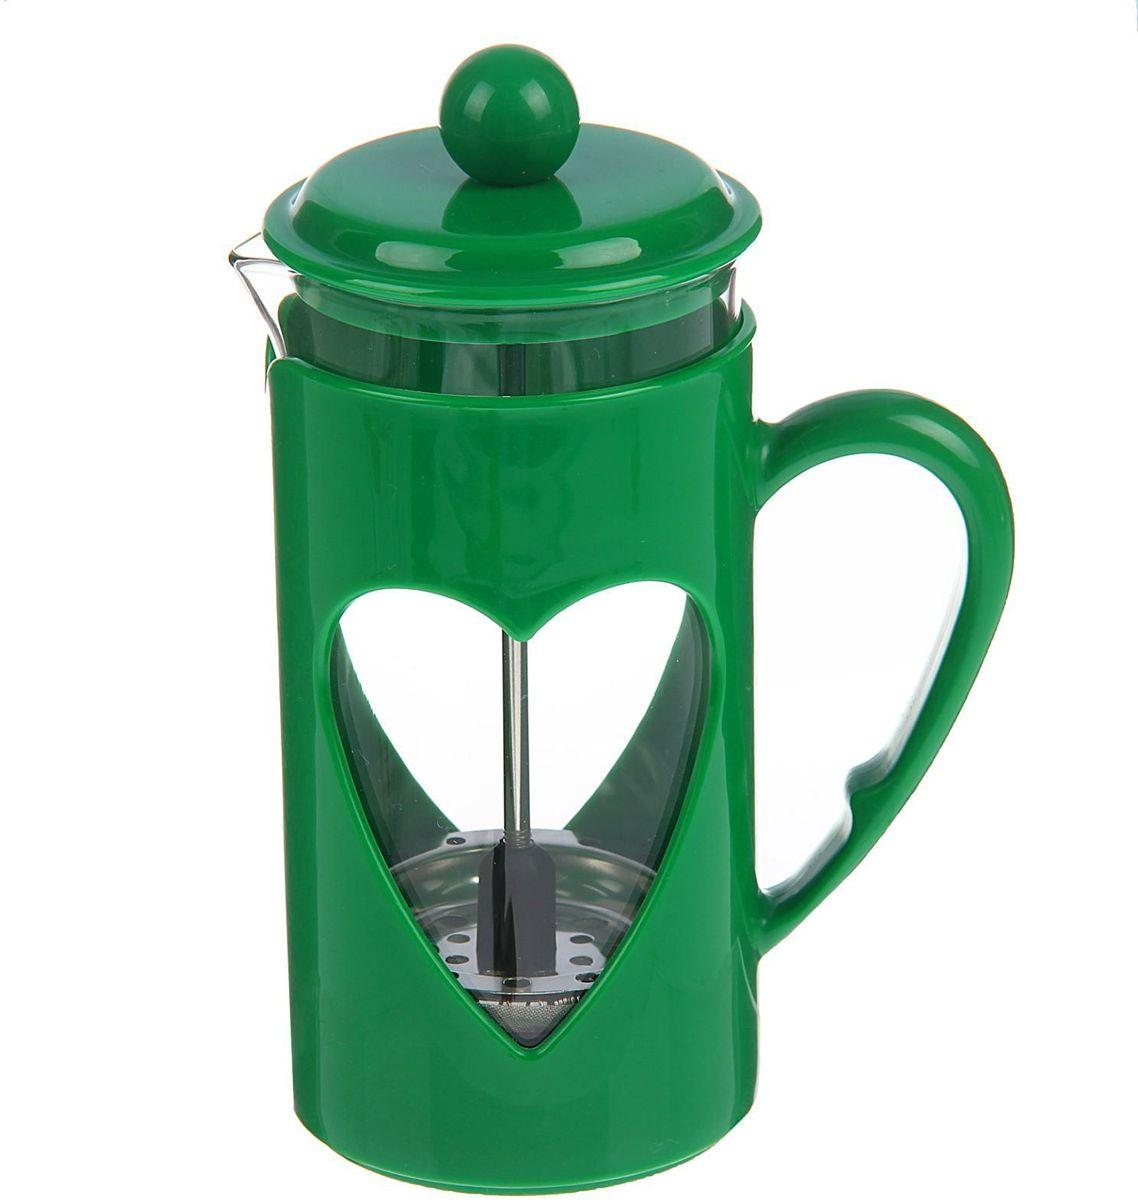 Френч-пресс Доляна Комплимент, цвет: зеленый, прозрачный, 350 мл1379238Френч-пресс Доляна Комплимент - замечательное приспособление для приготовления чая и кофе. Он пользуется огромным спросом у любителей этих напитков, ведь изделие довольно простое в использовании и имеет ряд преимуществ. Чай в нем быстрее заваривается, емкость позволяет наиболее полно раскрыться вкусовым качествам напитка. Вы можете готовить кофе и чай с любимыми специями и травами.Чтобы приготовить кофе, сначала вам нужно перемолоть зерна. Степень помола - грубая. Вскипятите воду. Насыпьте кофе в изделие и медленно залейте его кипятком из чайника. Наполните приспособление до середины, подождите 1 минуту и долейте остальное. Накройте крышкой, пусть напиток настоится еще 3 минуты. Медленно опустите поршень. Оставьте кофе на 3 минуты, чтобы опустился осадок. Ваш напиток готов!